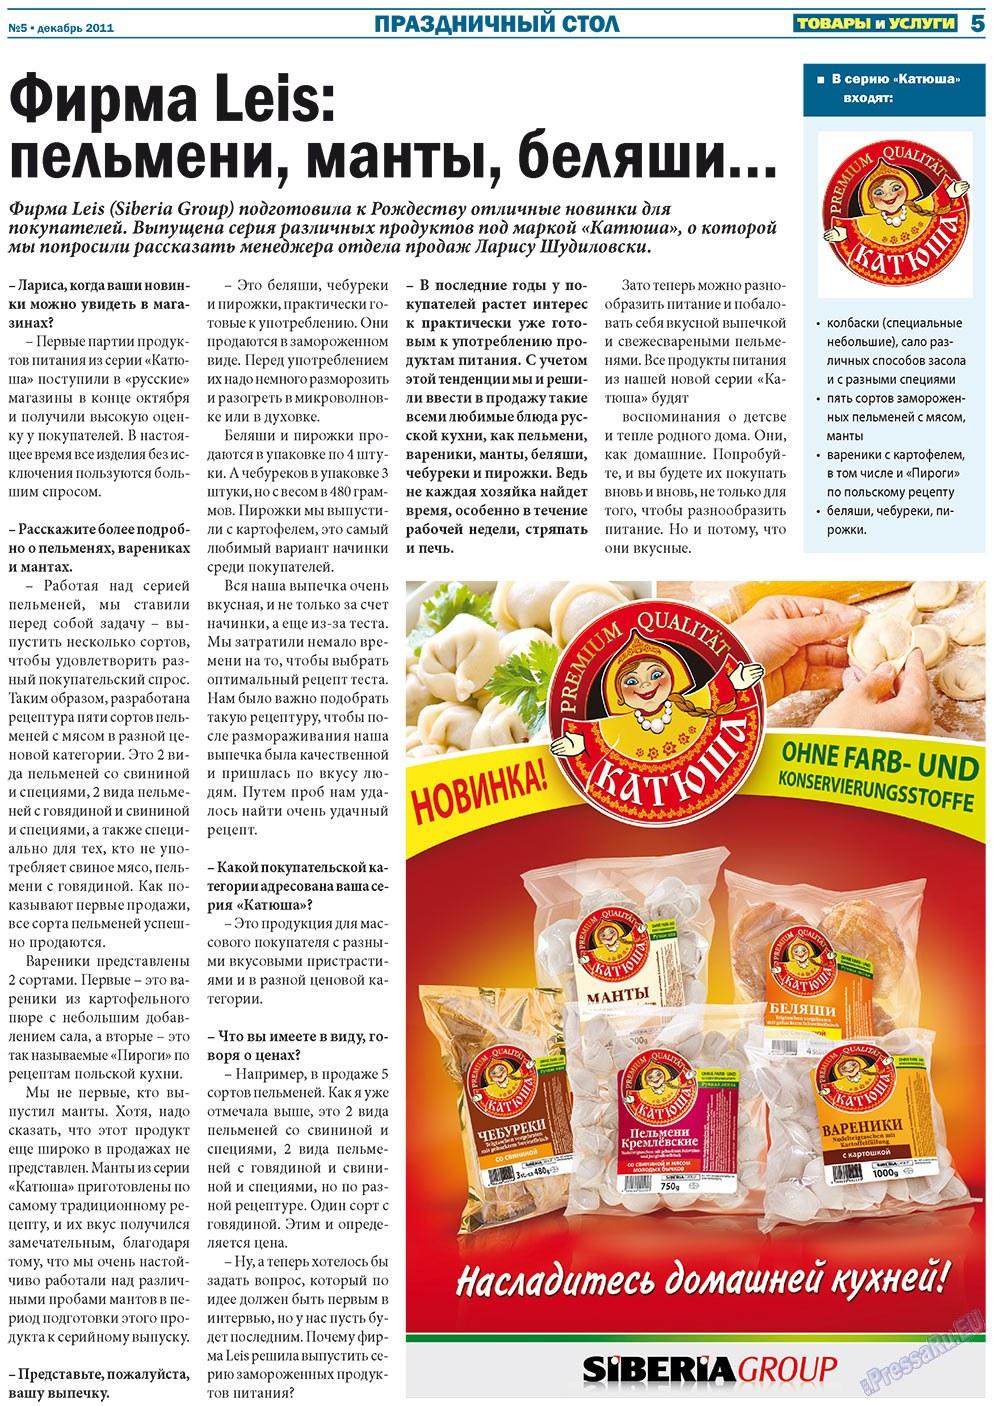 Товары и услуги (газета). 2011 год, номер 5, стр. 5